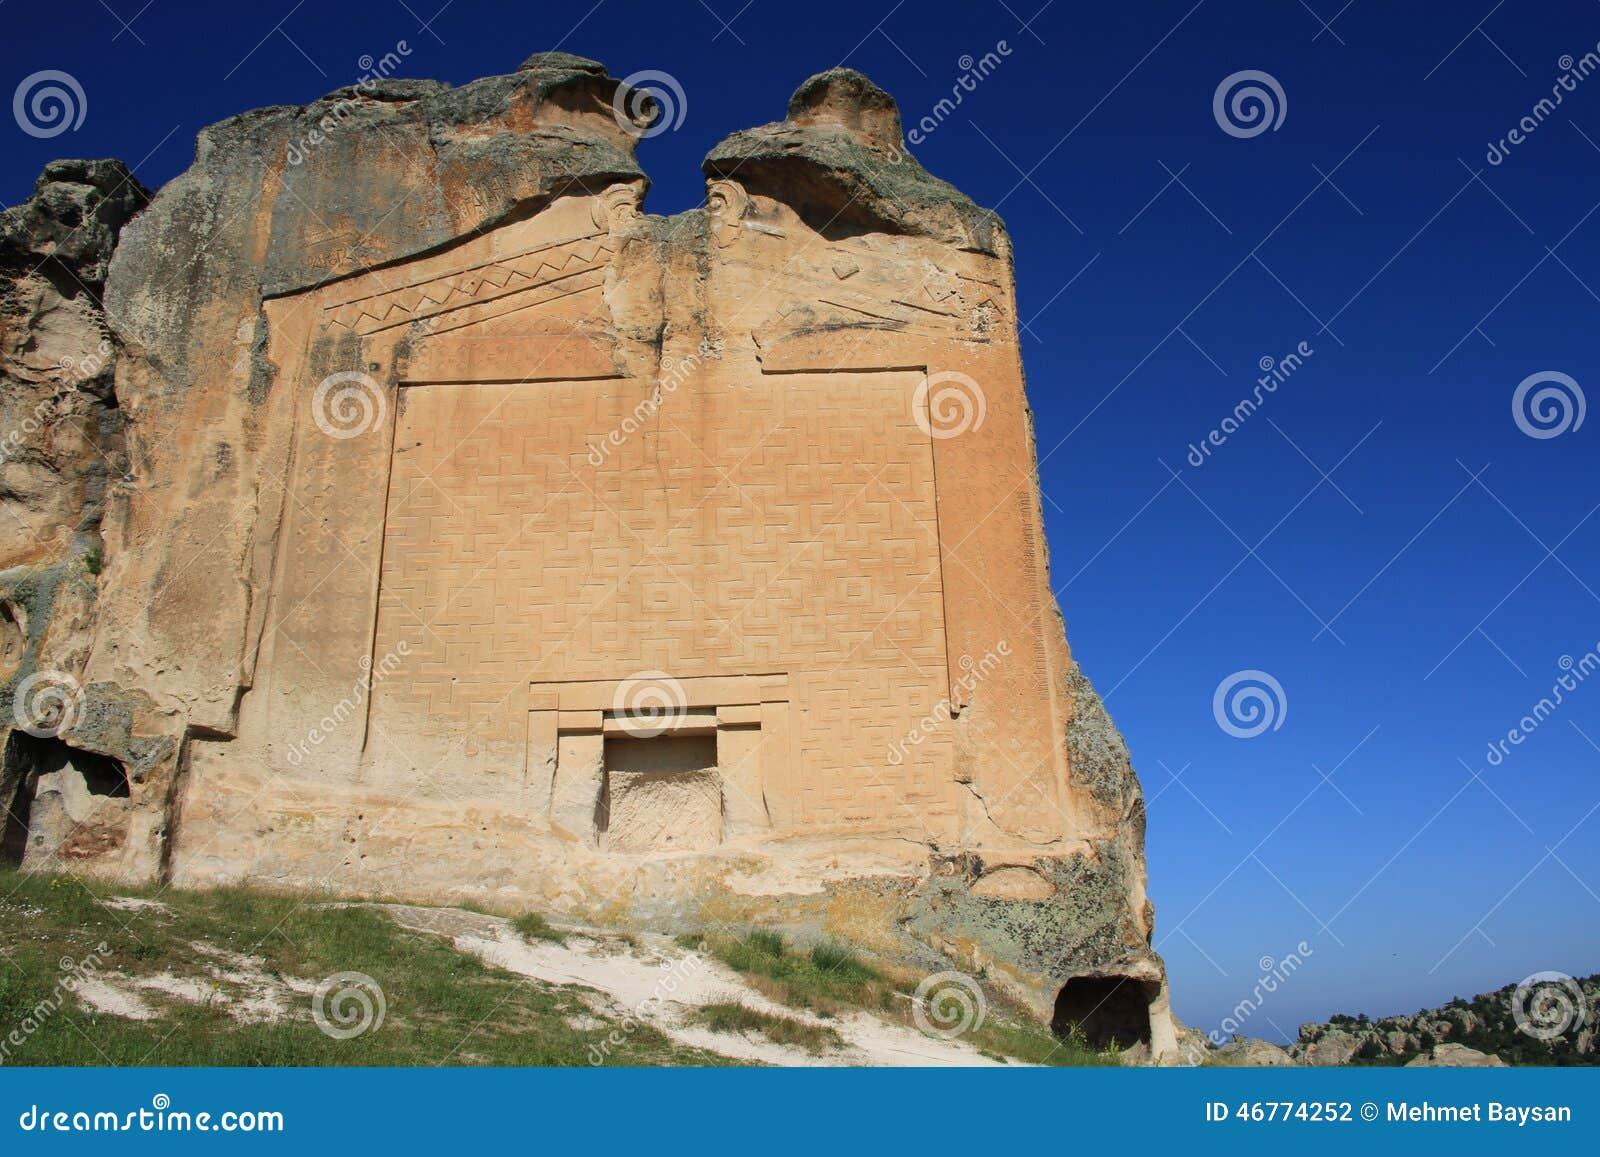 Midas Monument In Yazilikaya Stock Photo - Image: 46774252